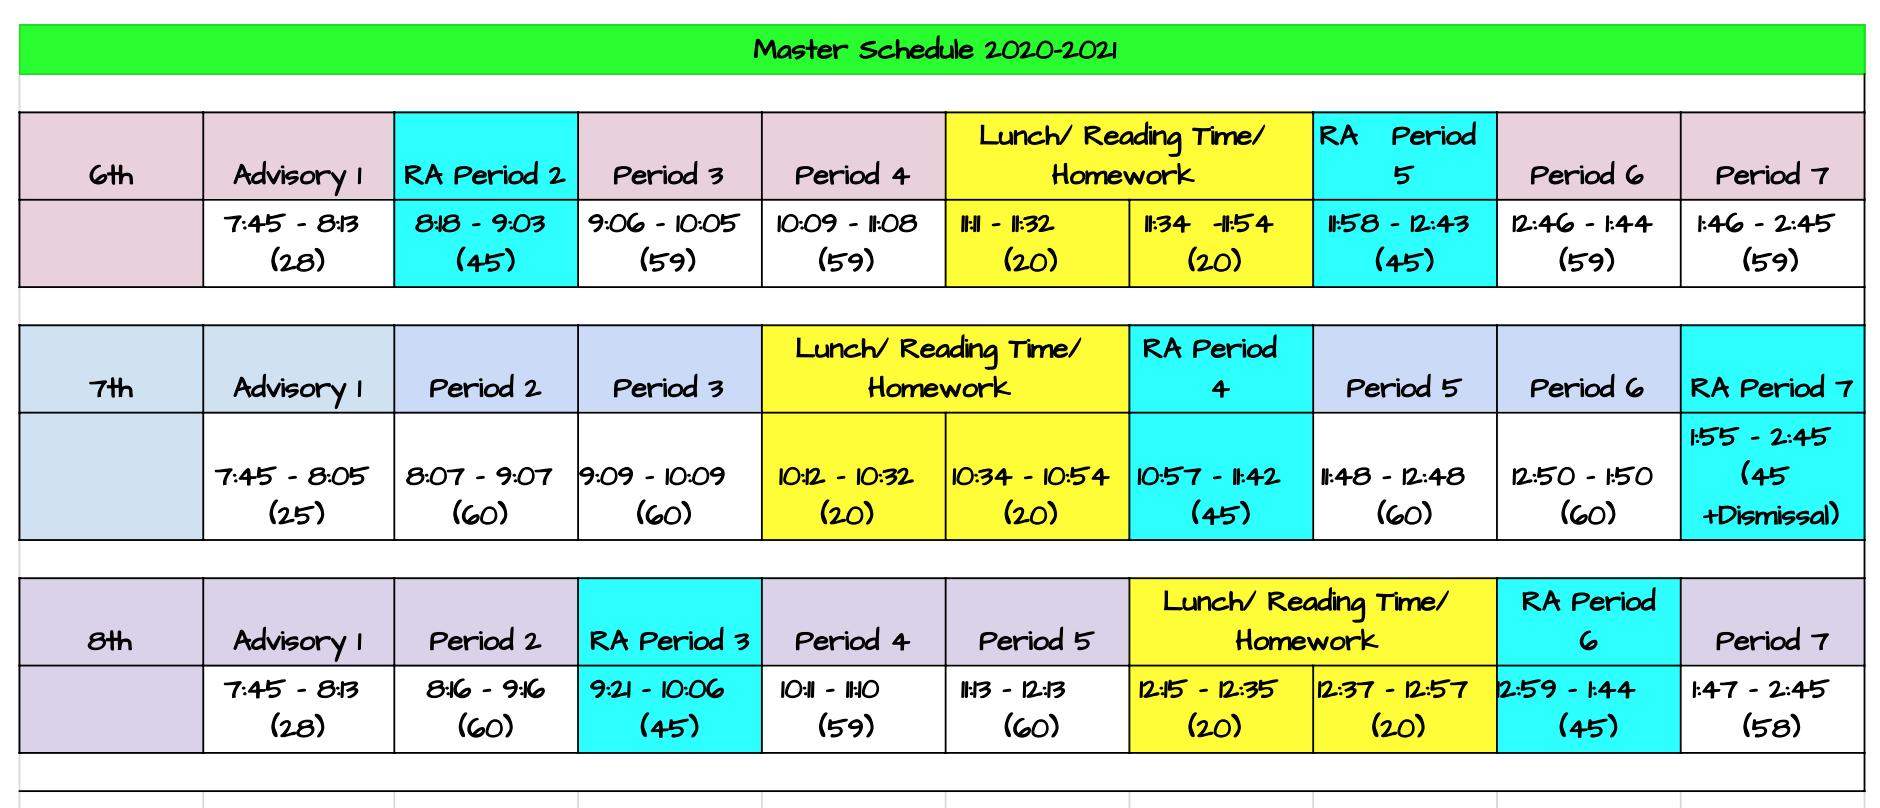 20.21 Master Schedule